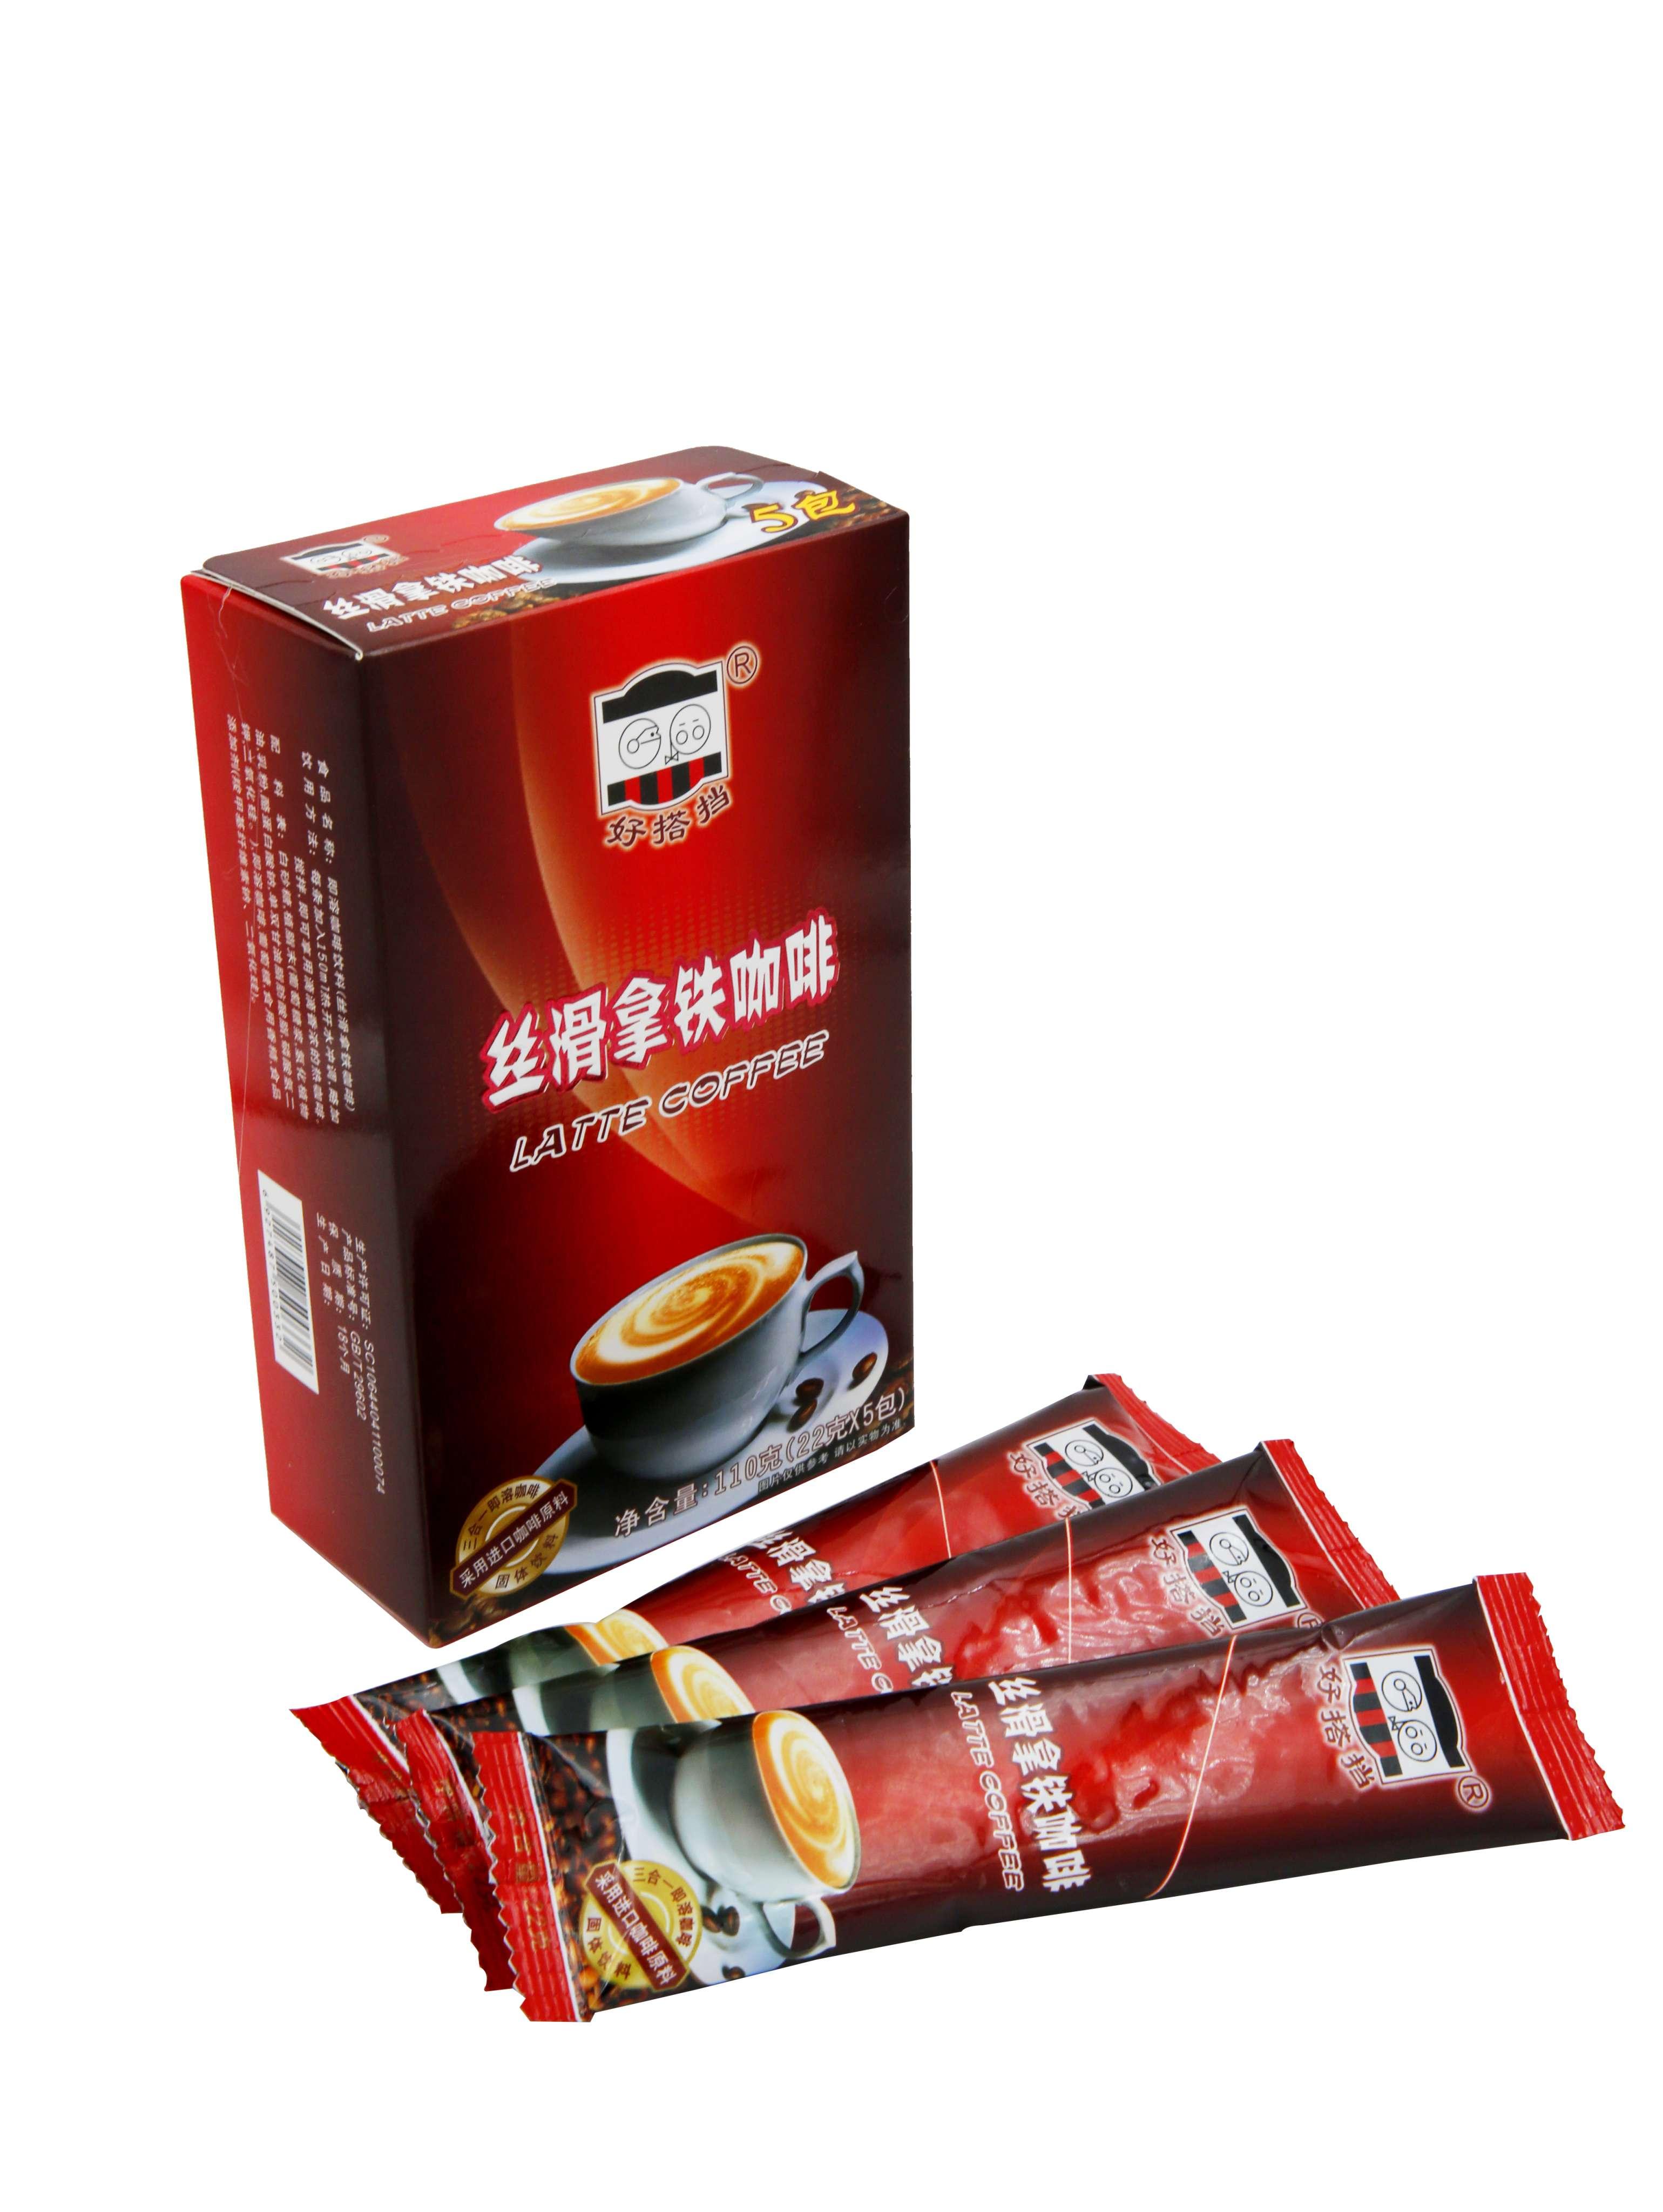 丝滑拿铁咖啡22克x5包